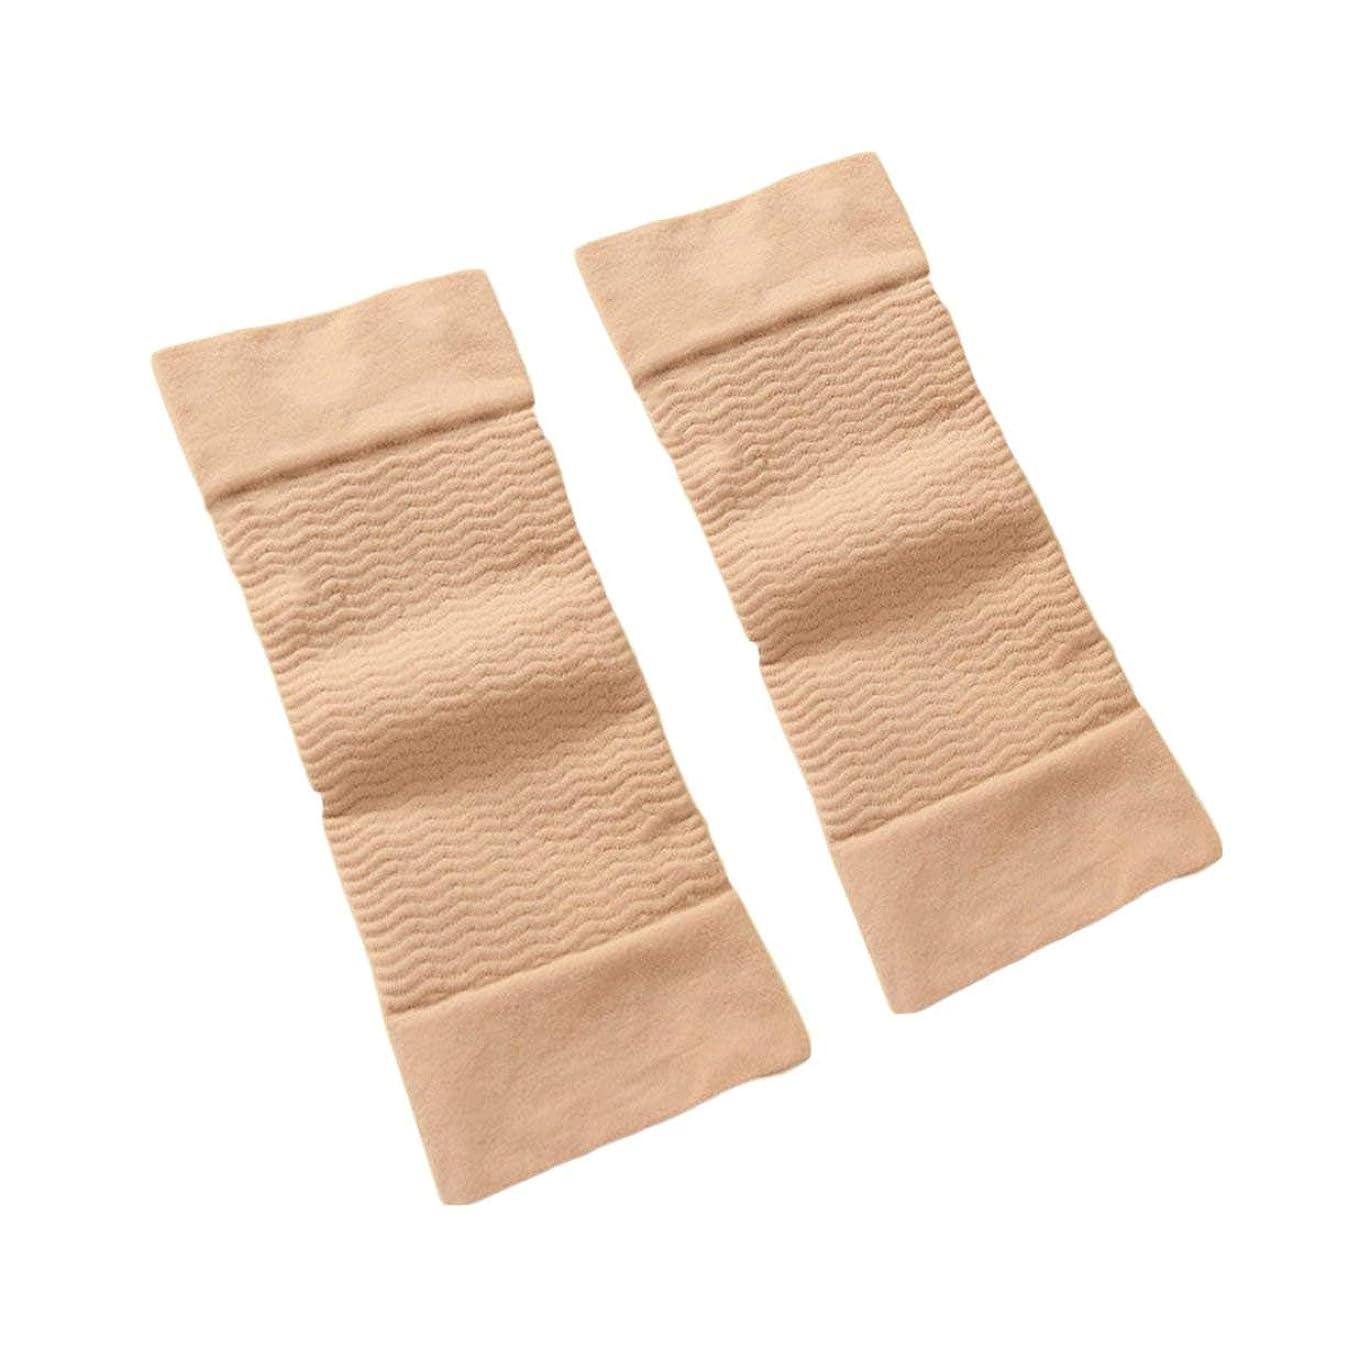 プレゼンター保証実験室1ペア420 D圧縮痩身アームスリーブワークアウトトーニングバーンセルライトシェイパー脂肪燃焼袖用女性 - 肌色